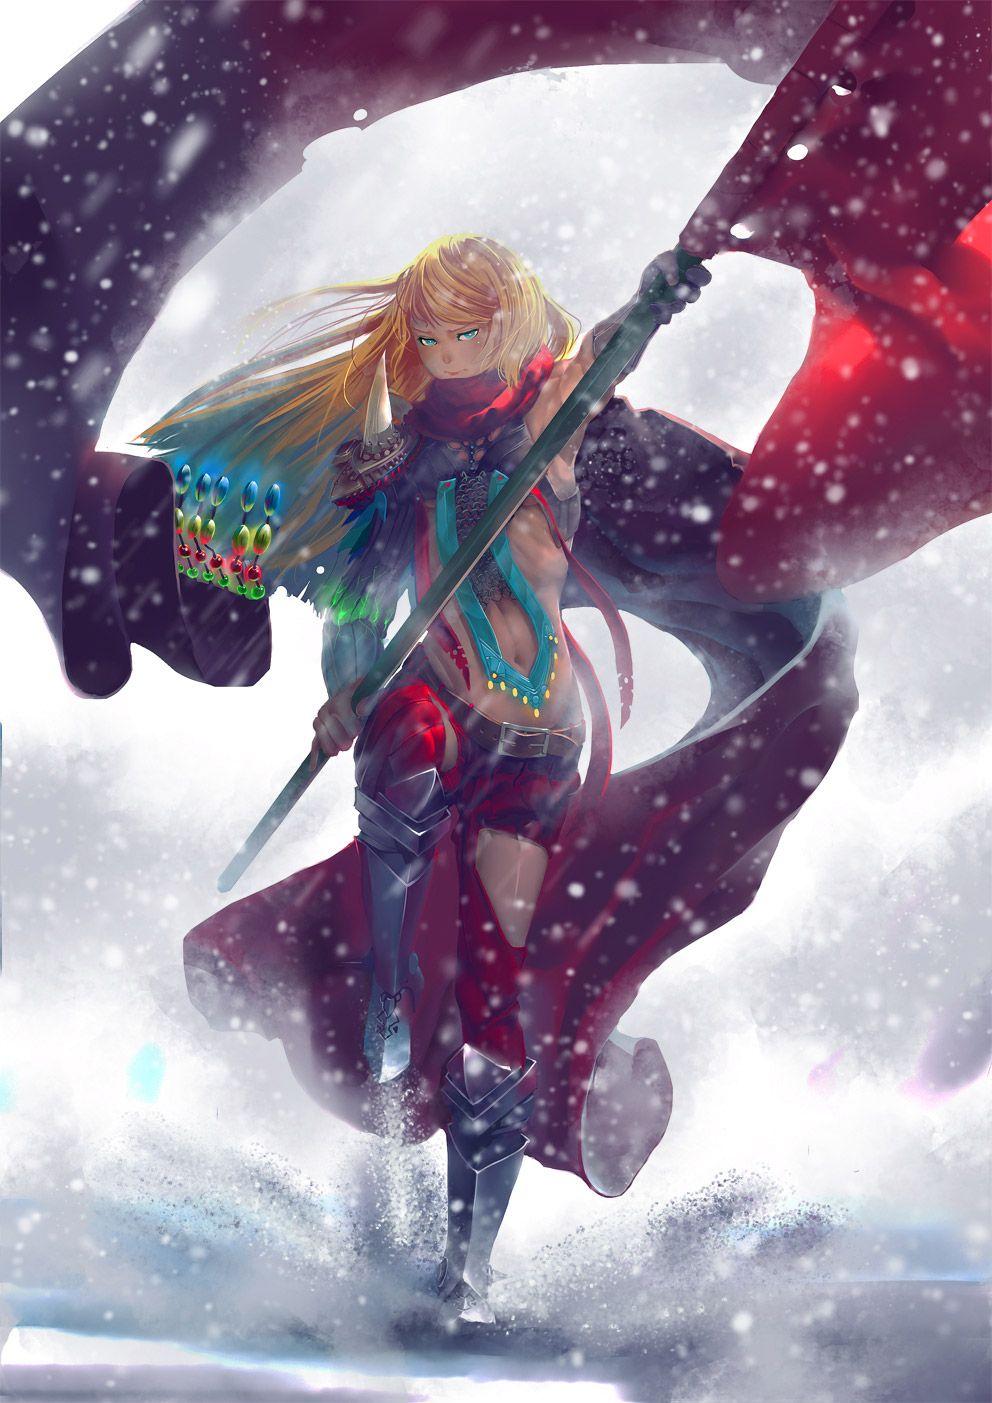 Digital Art Anime Illustration Wallpaper Anime Wallpapers